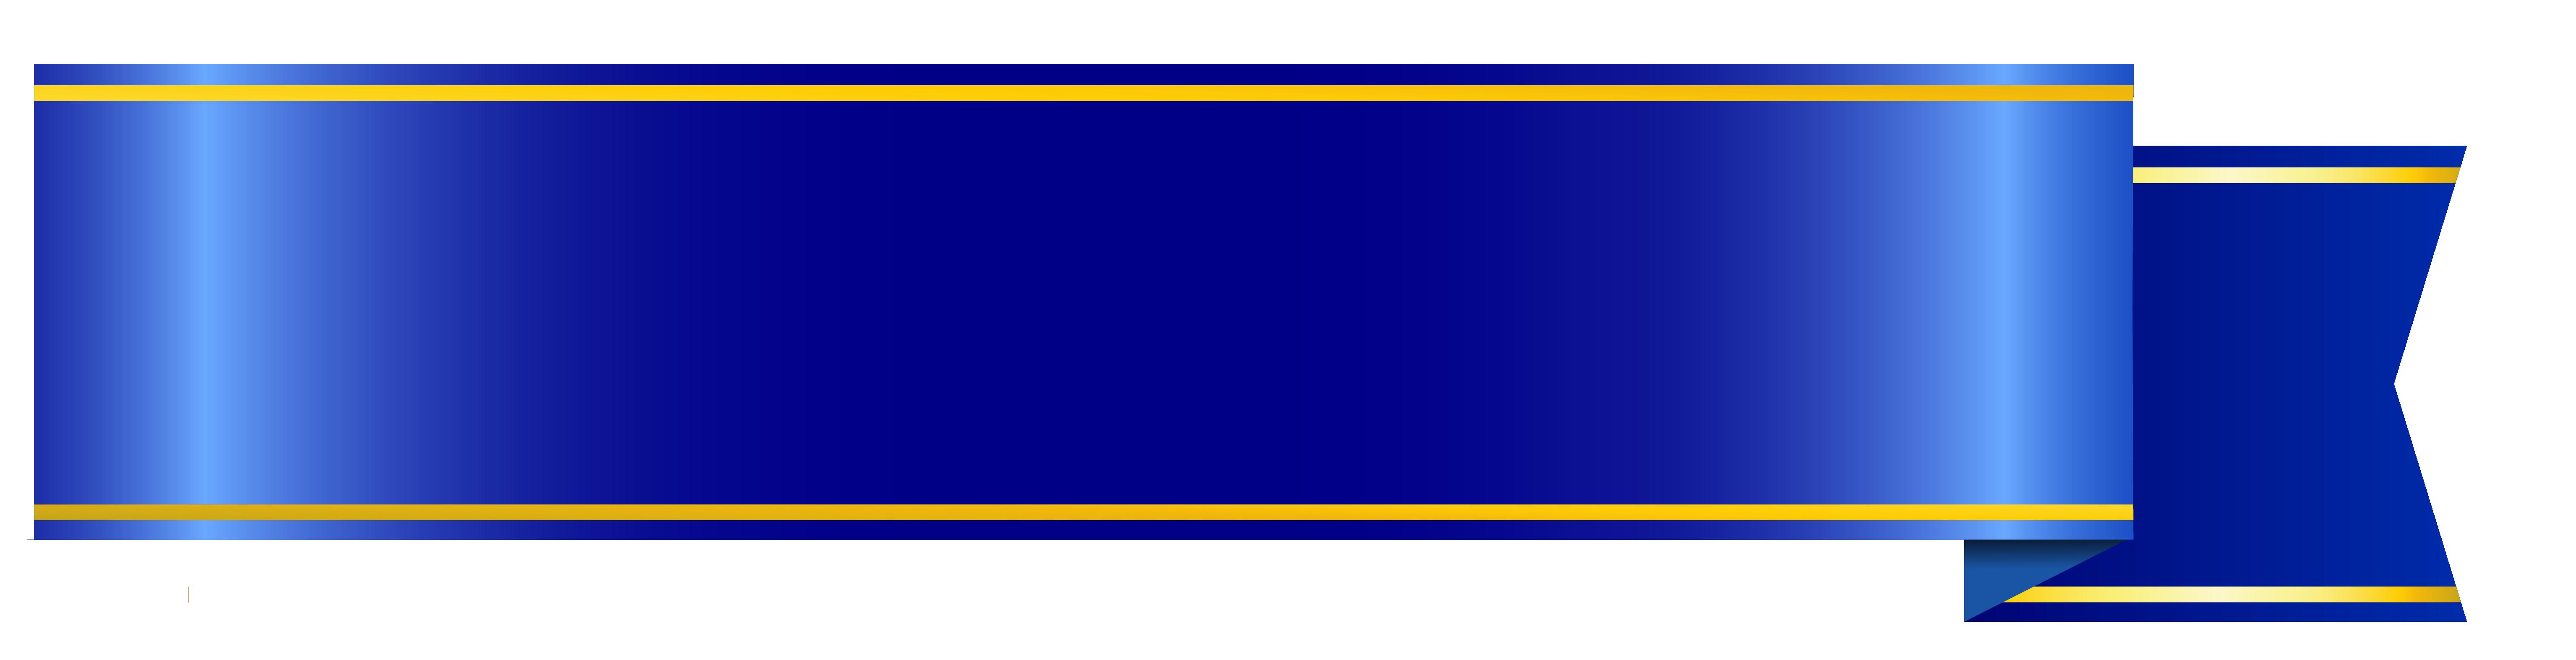 Sinij Banner Png Klipart Foto Galereya Yopriceville Vysokoe Kachestvo Izobrazheniya I Prozrachnyj Png Besplatno Klip Banner Blue Banner Banner Background Images